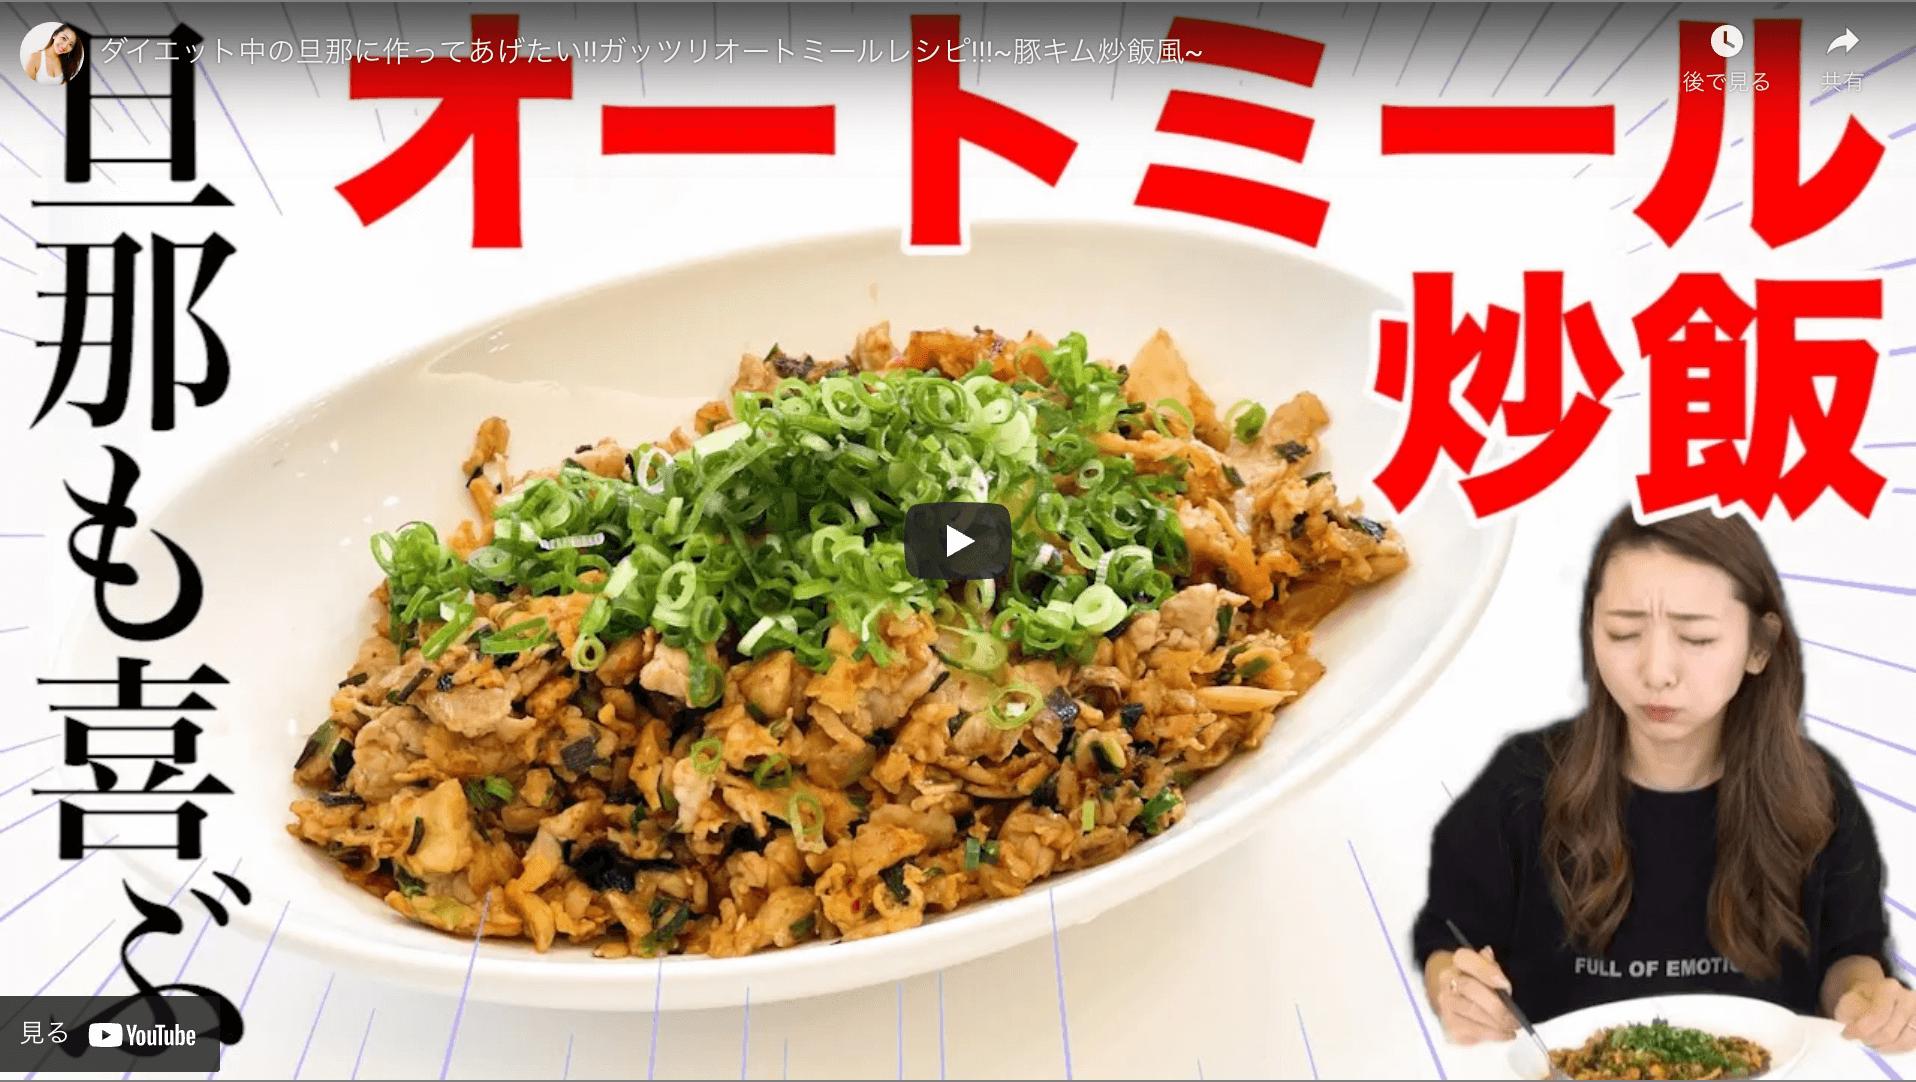 オートミール豚キム炒飯 レシピ|竹脇まりなさんオススメのガッツリヘルシー男飯!